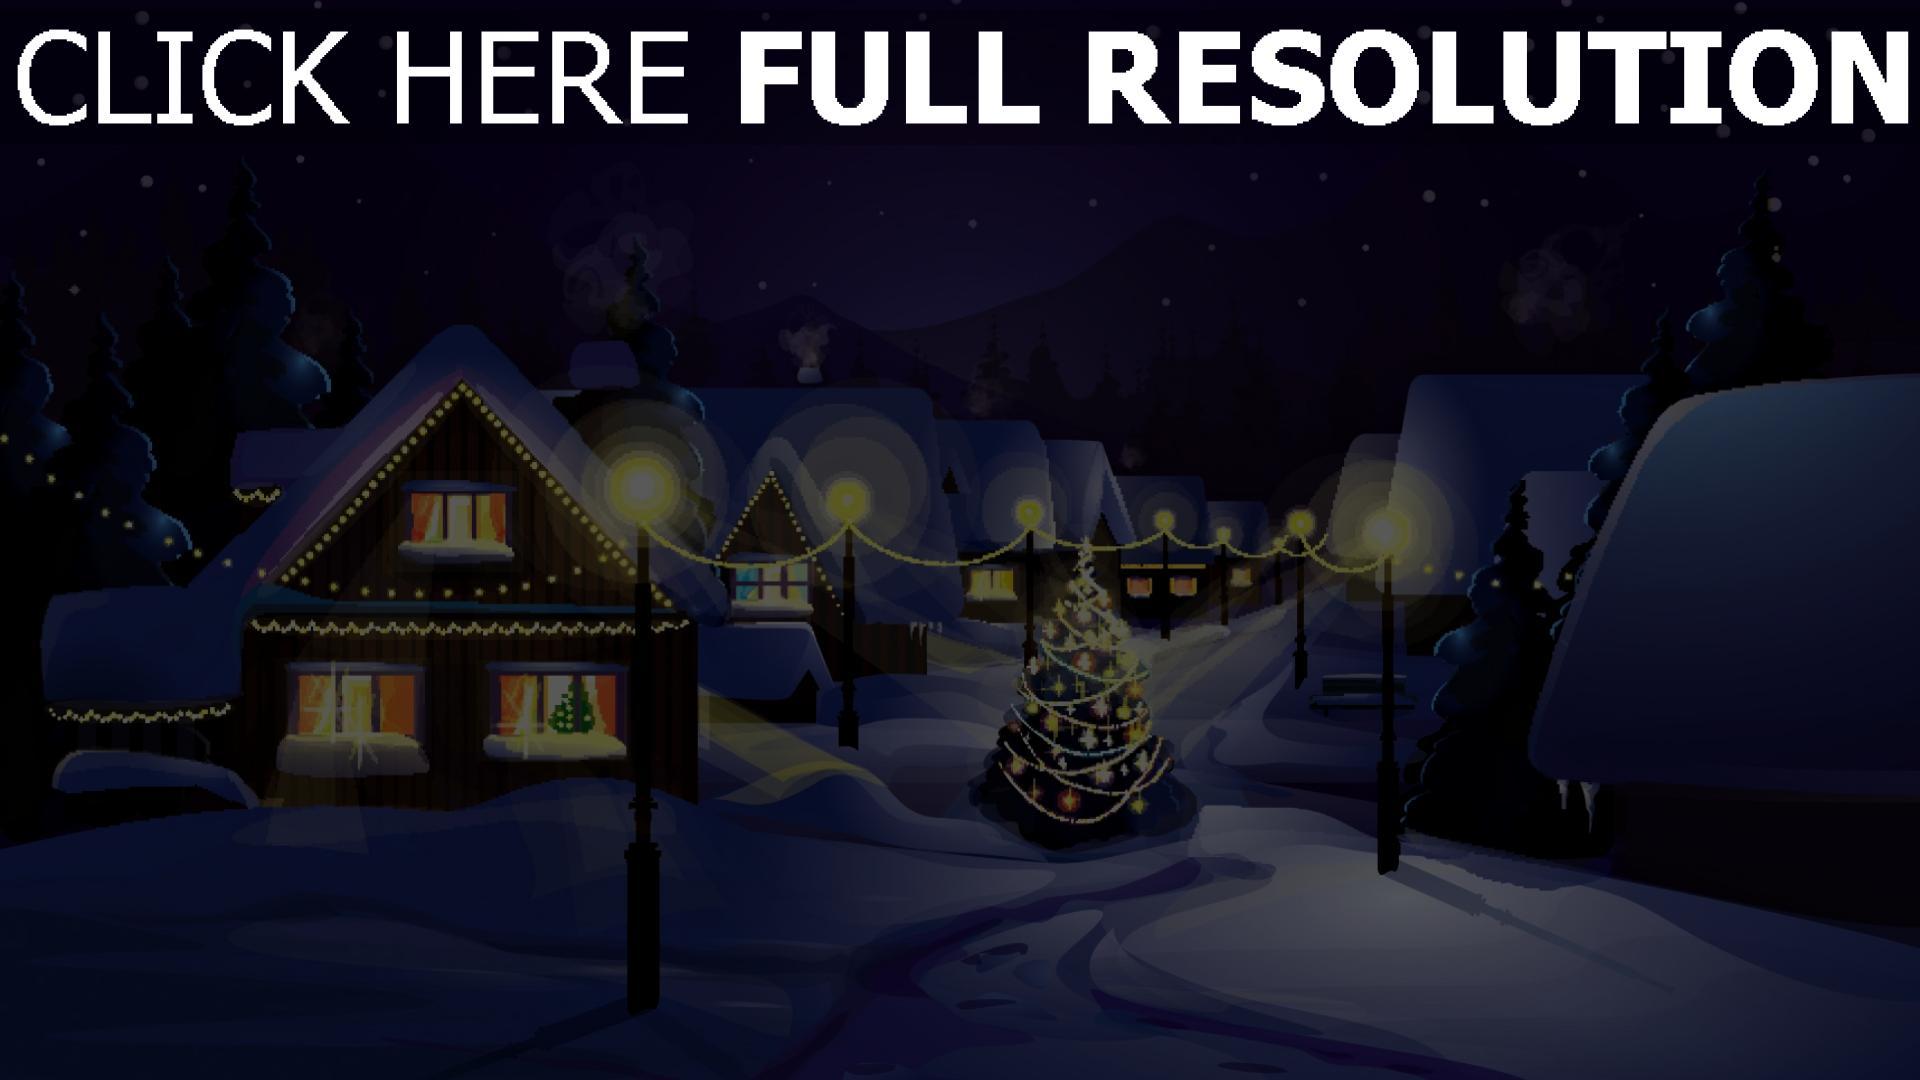 HD Hintergrundbilder winter schnee stadt tanne lichter weihnachts ...